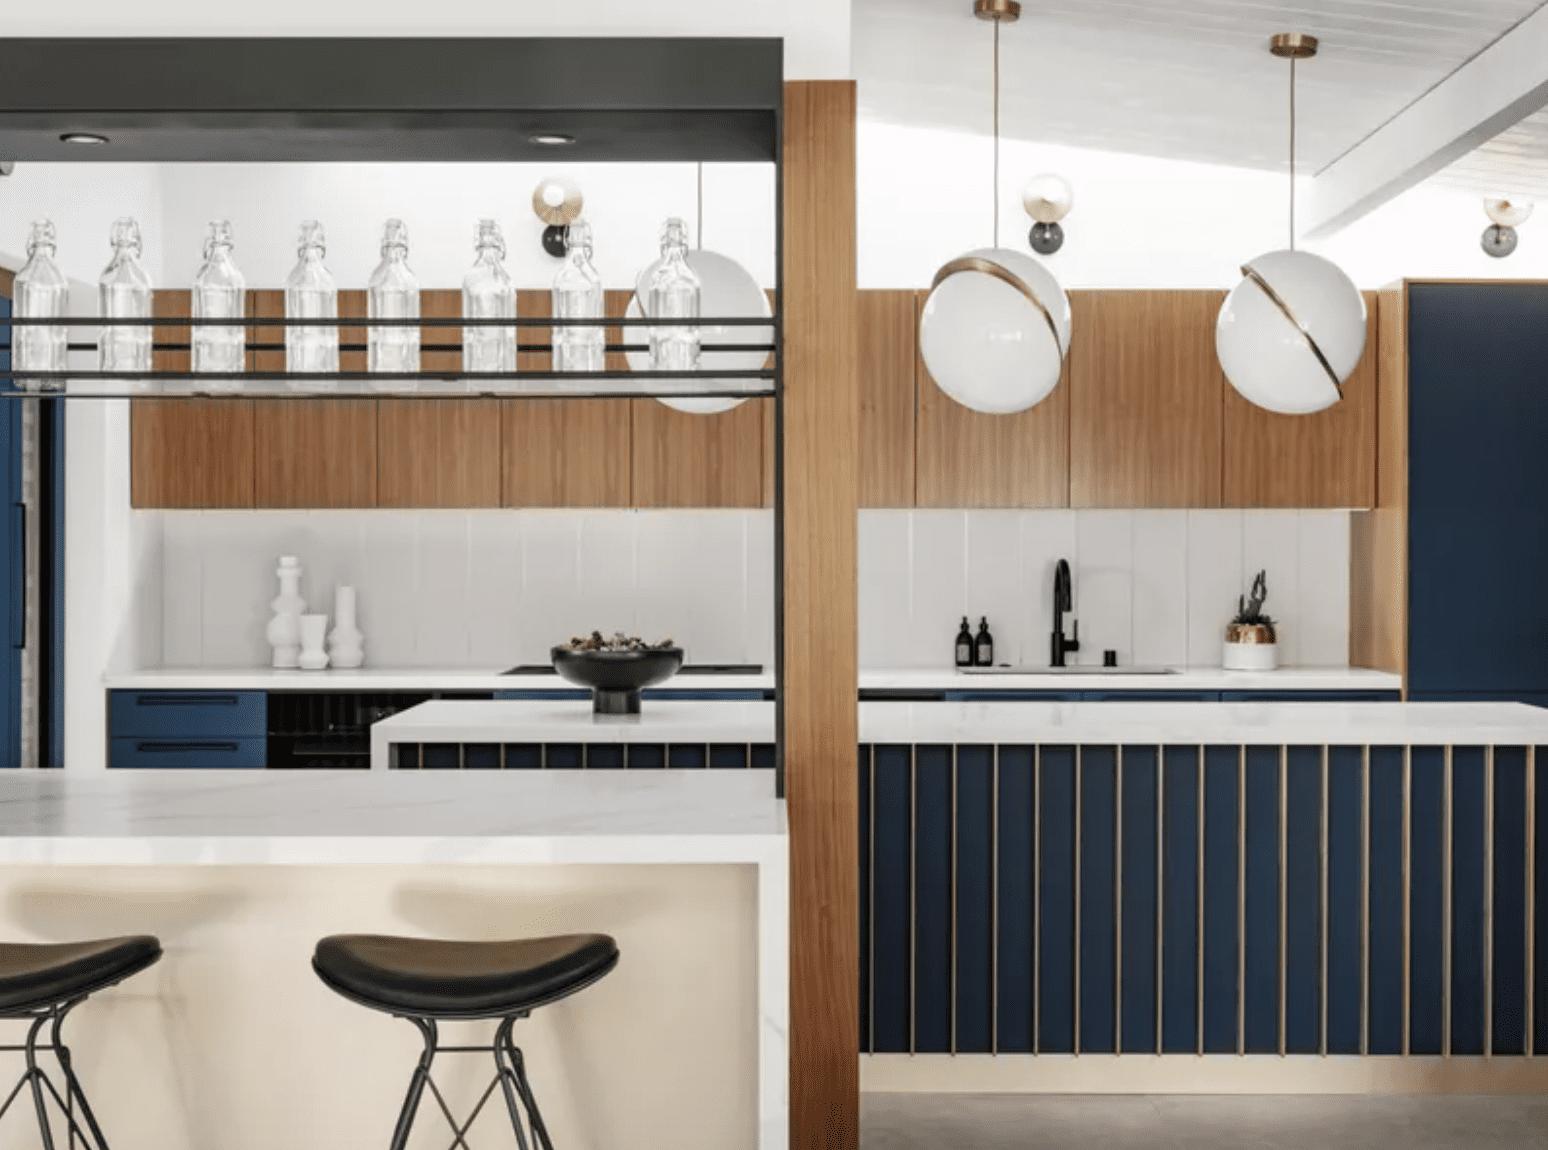 A kitchen with restaurant-inspired design details